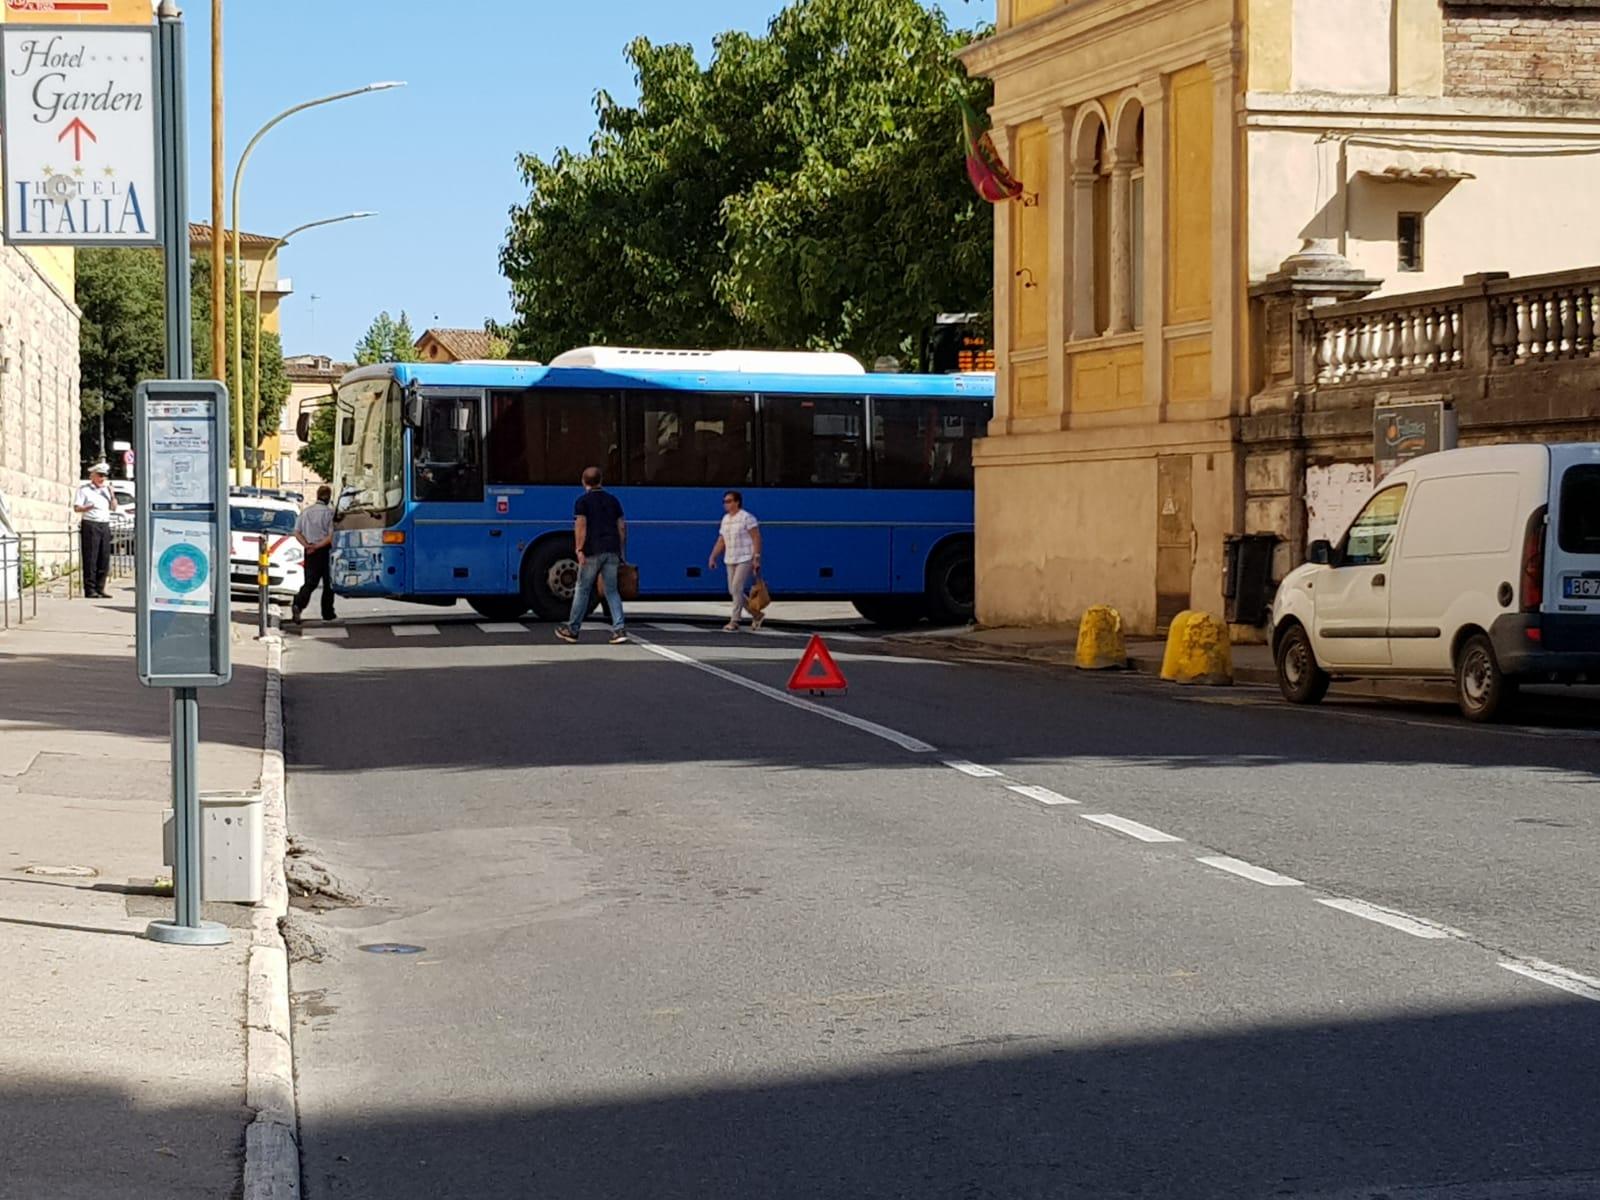 Bus fermo in mezzo di strada, guasto al cambio: Tiemme al lavoro per rinnovare il parco mezzi